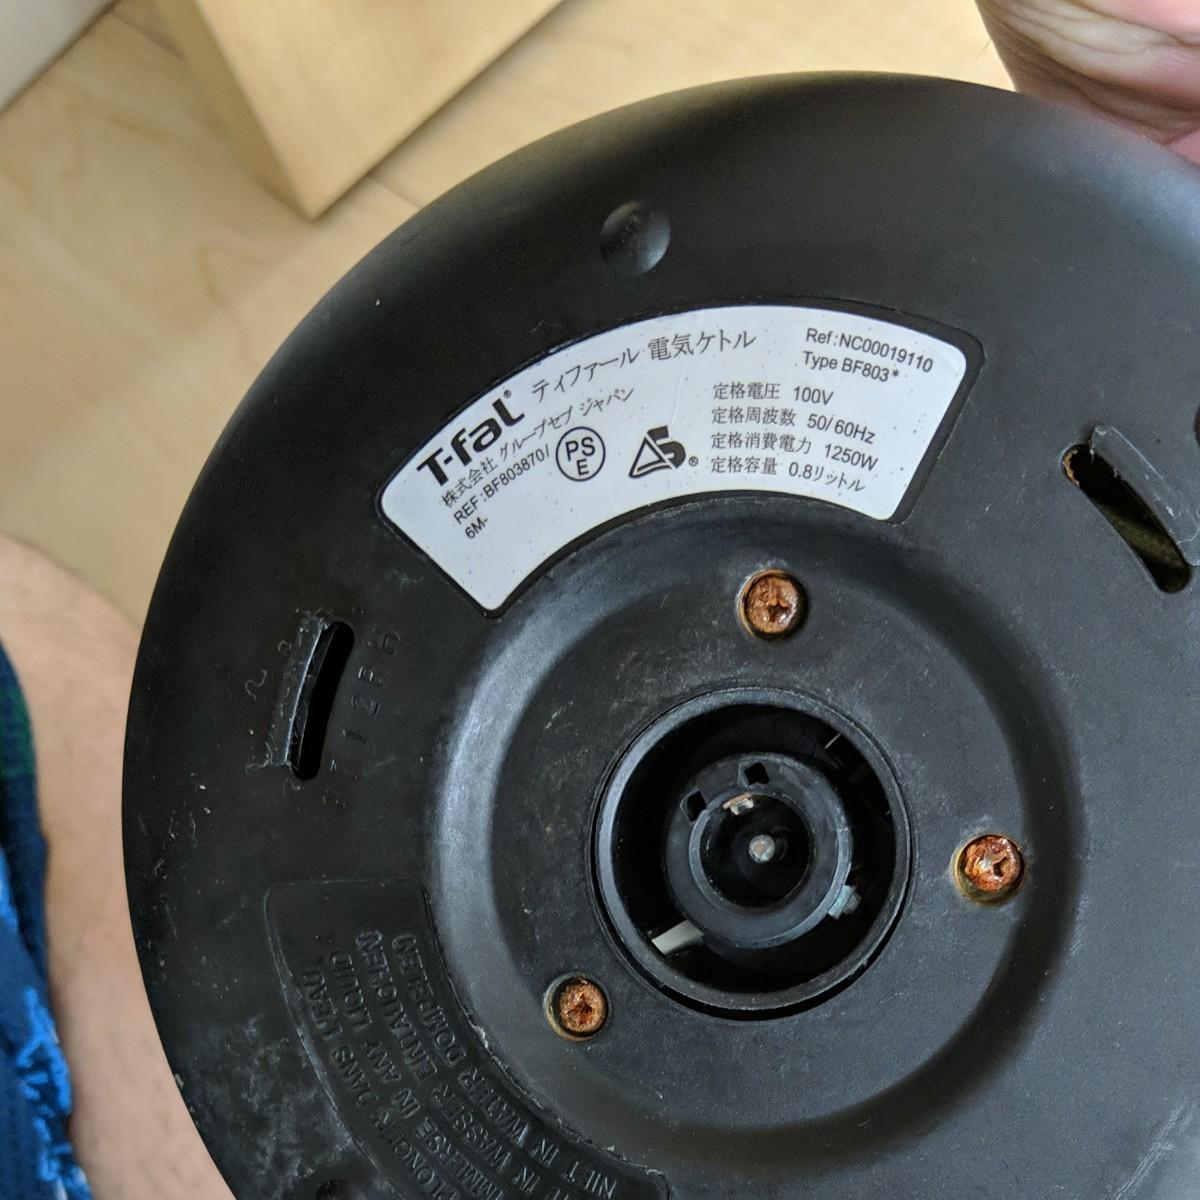 T-faL 電気ケトル BF803